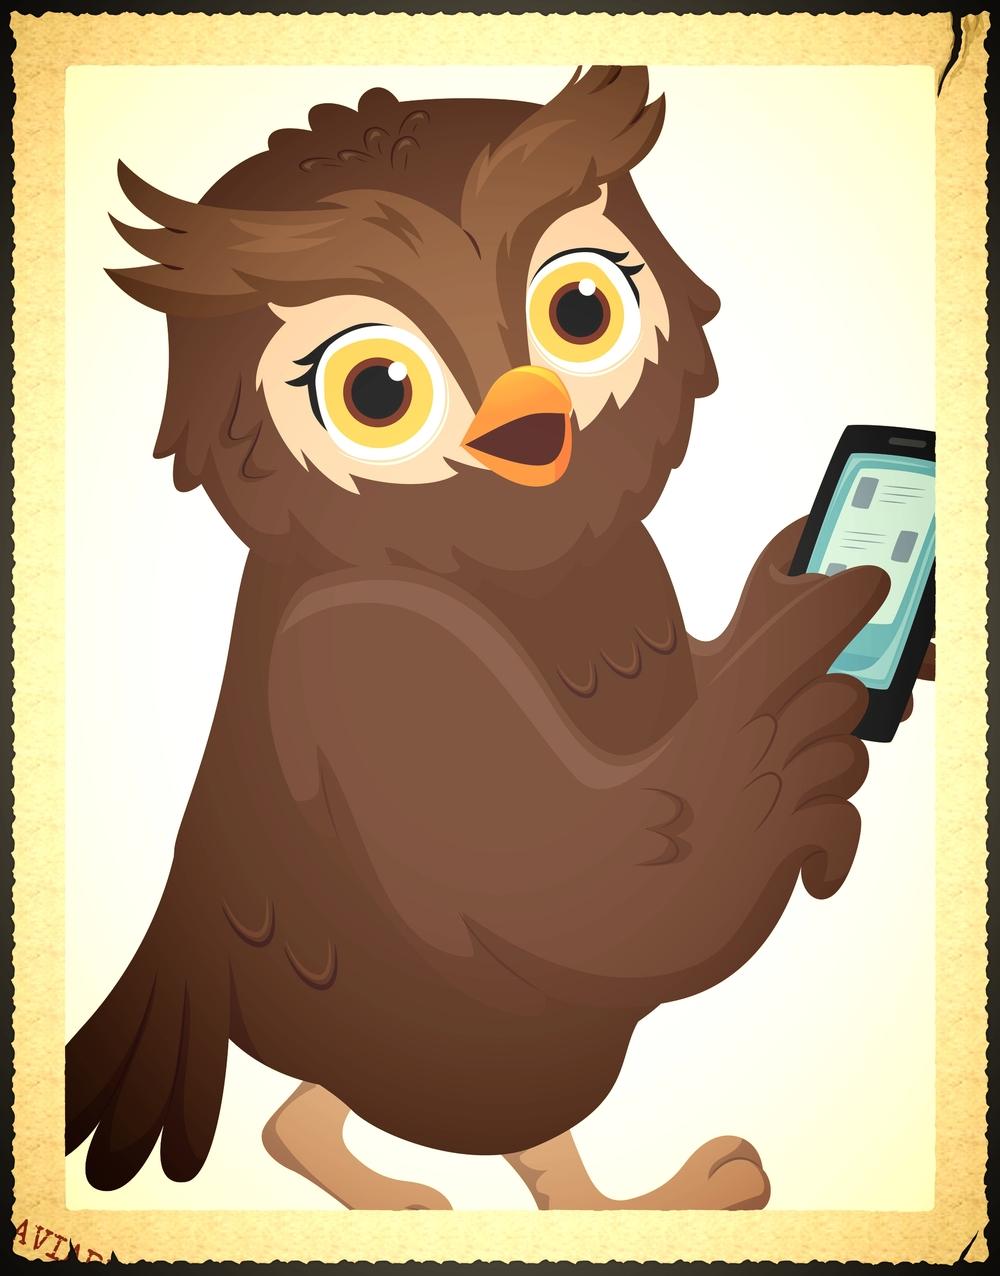 OwlPhone.jpg